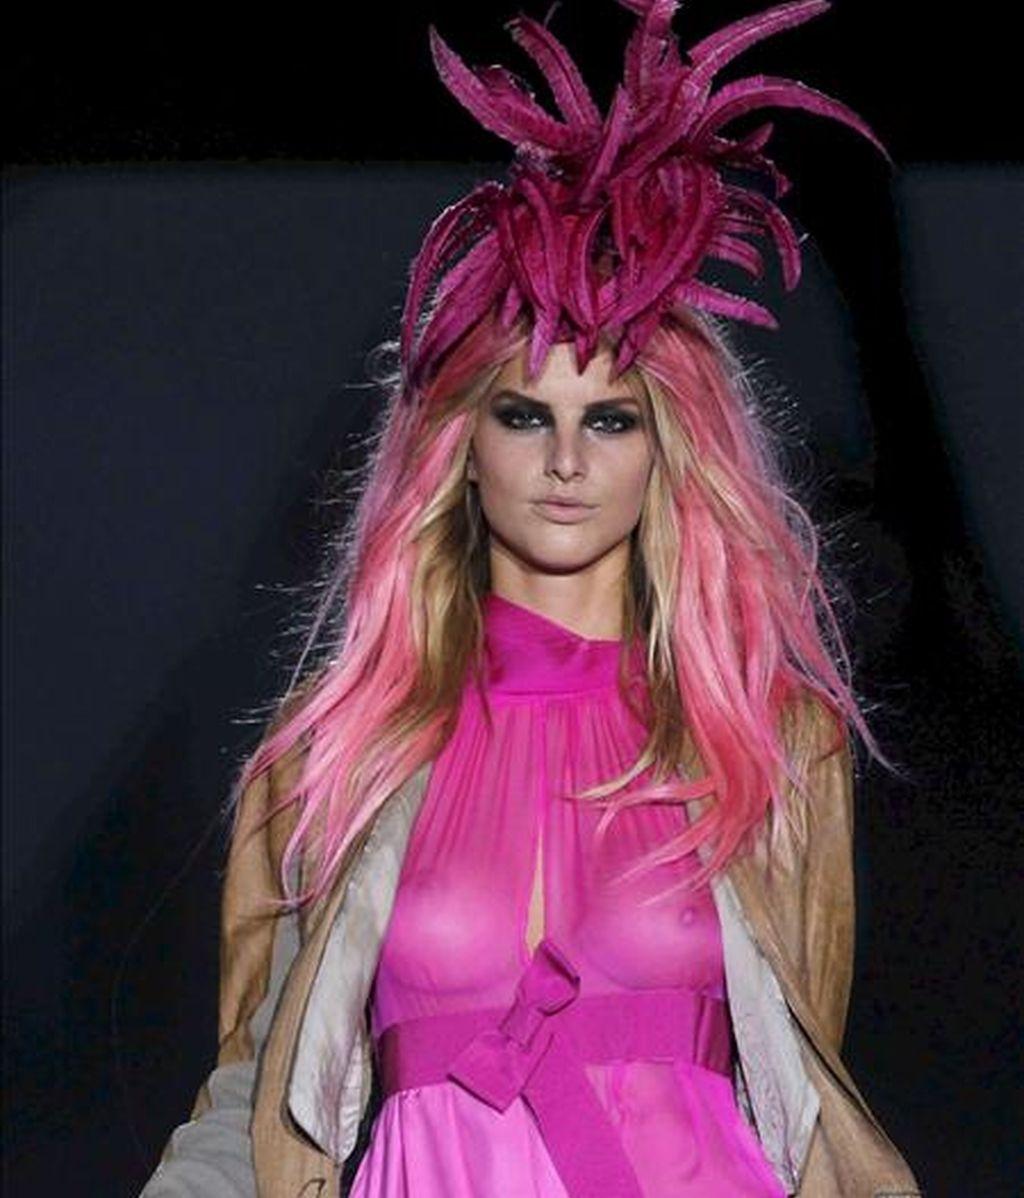 Una modelo luce una de las creaciones del diseñador Roberto Verino durante la presentación de su colección primavera/verano 2011 en la Cibeles Madrid Fashion Week que se celebra en la capital. EFE